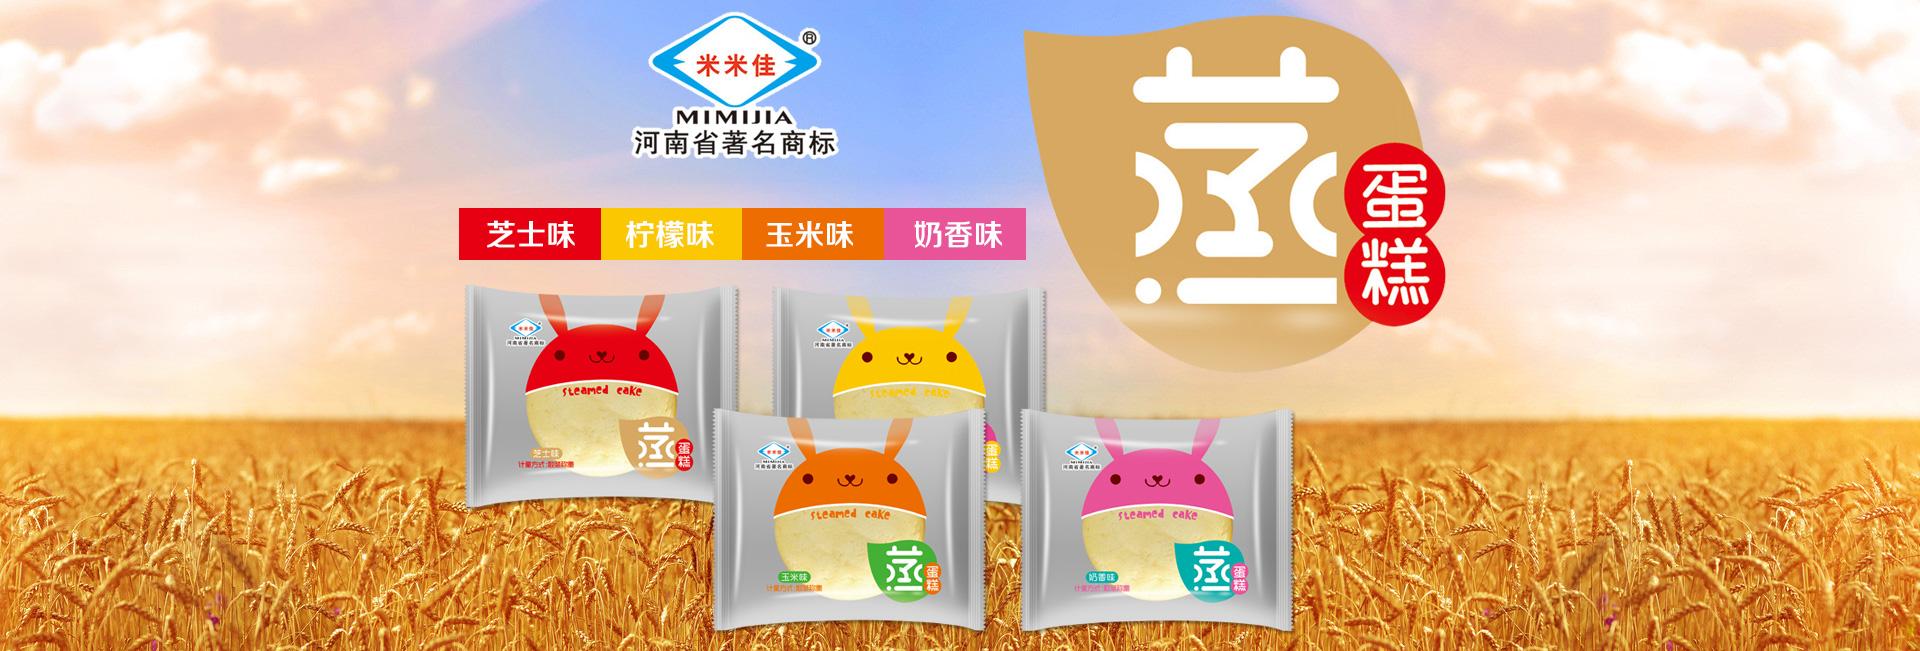 新乡市米米佳食品有限公司